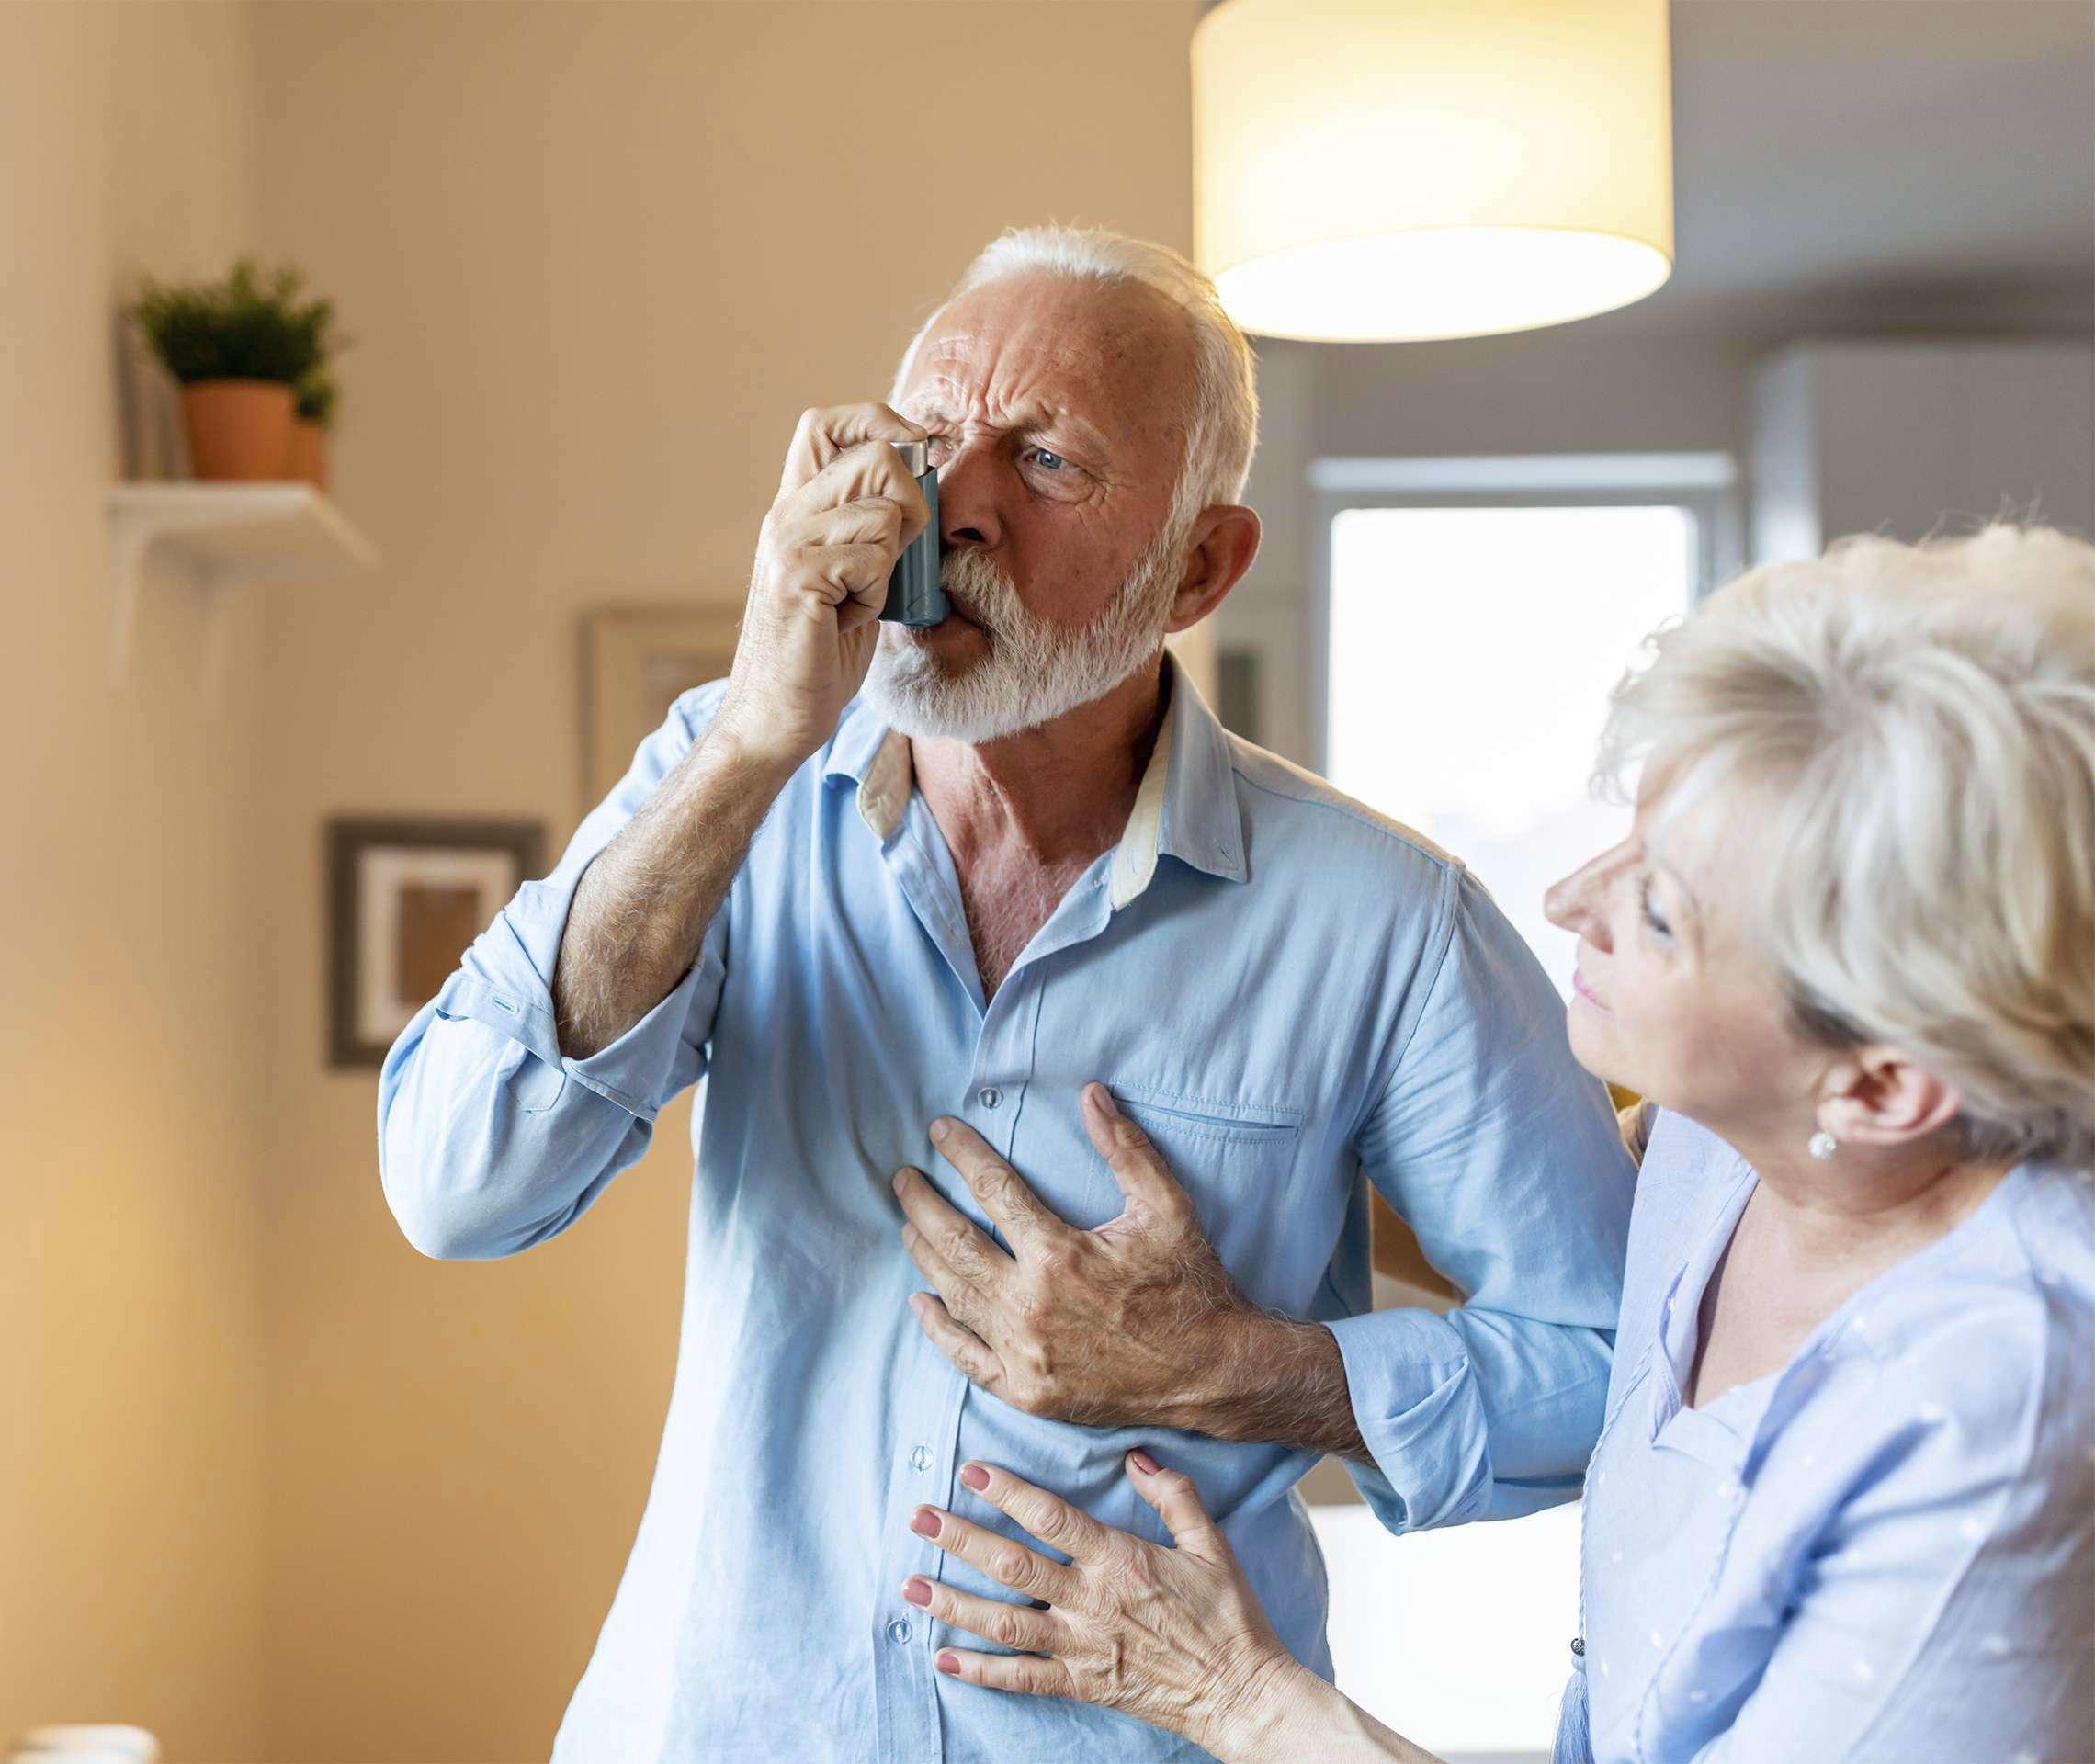 Atemnot Bei Belastung Schilddrüse